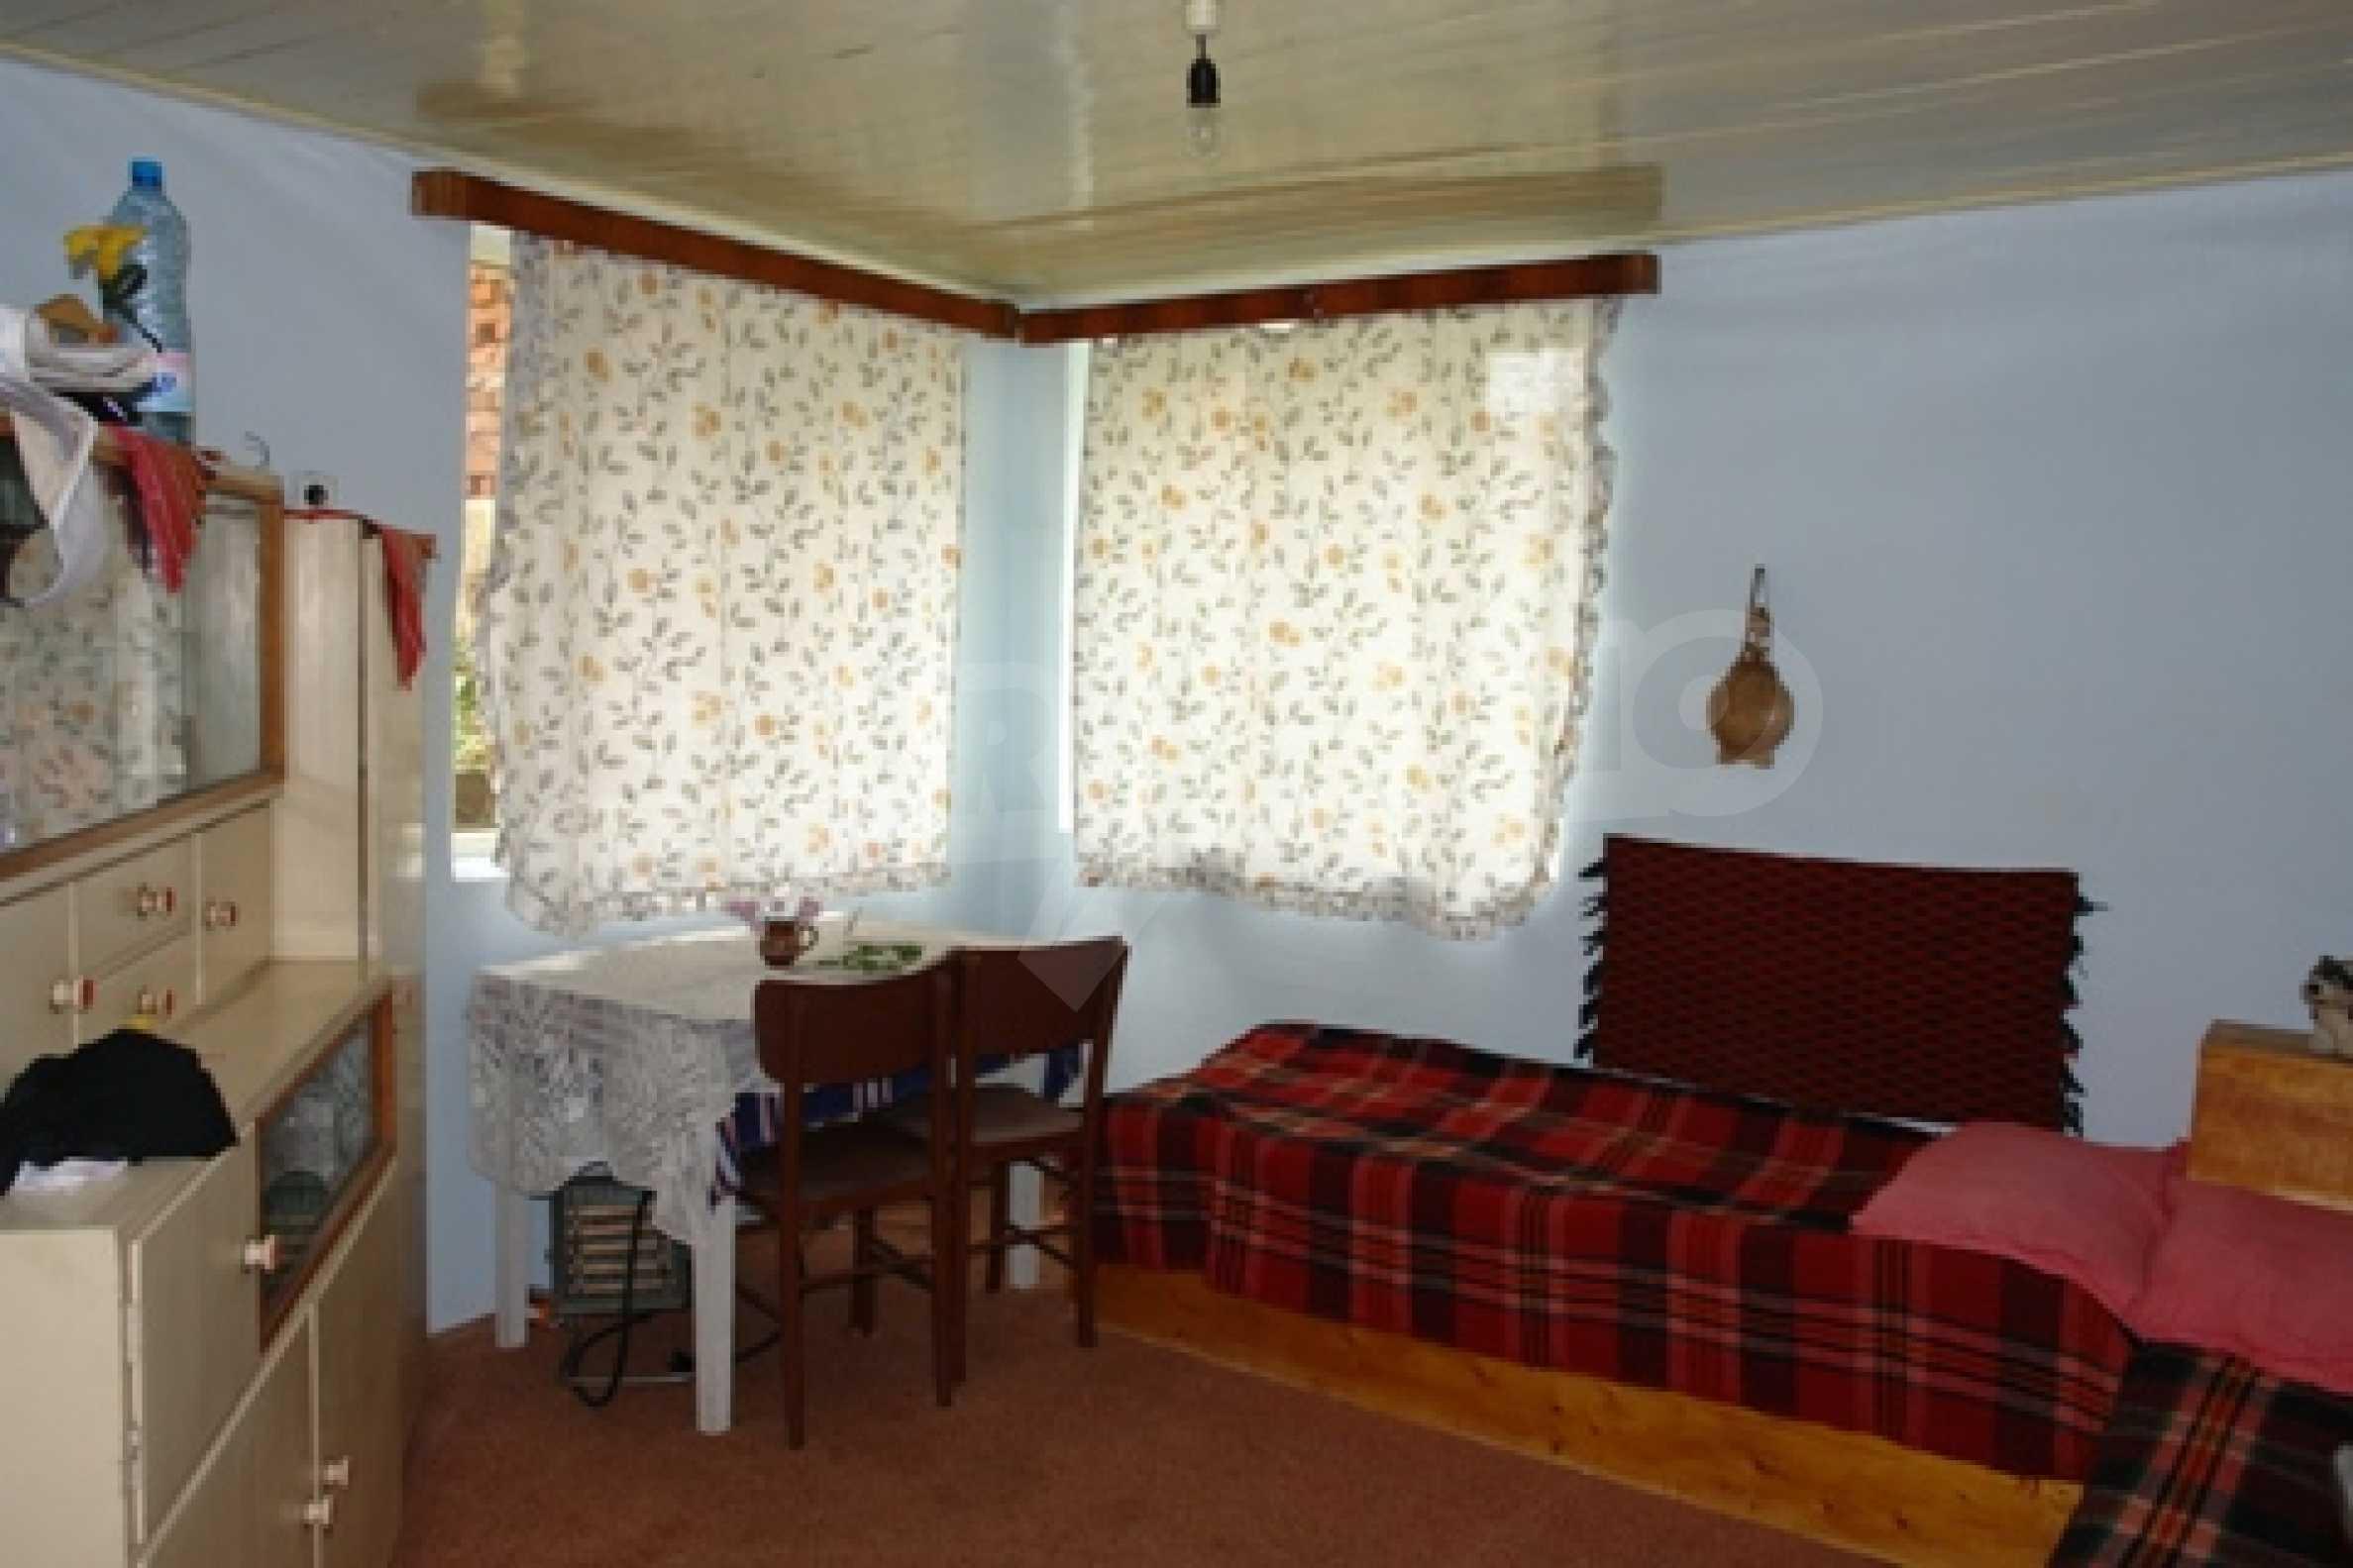 Geräumiges zweistöckiges Haus mit 4 Schlafzimmern im Dorf Trustenik, Rousse 4